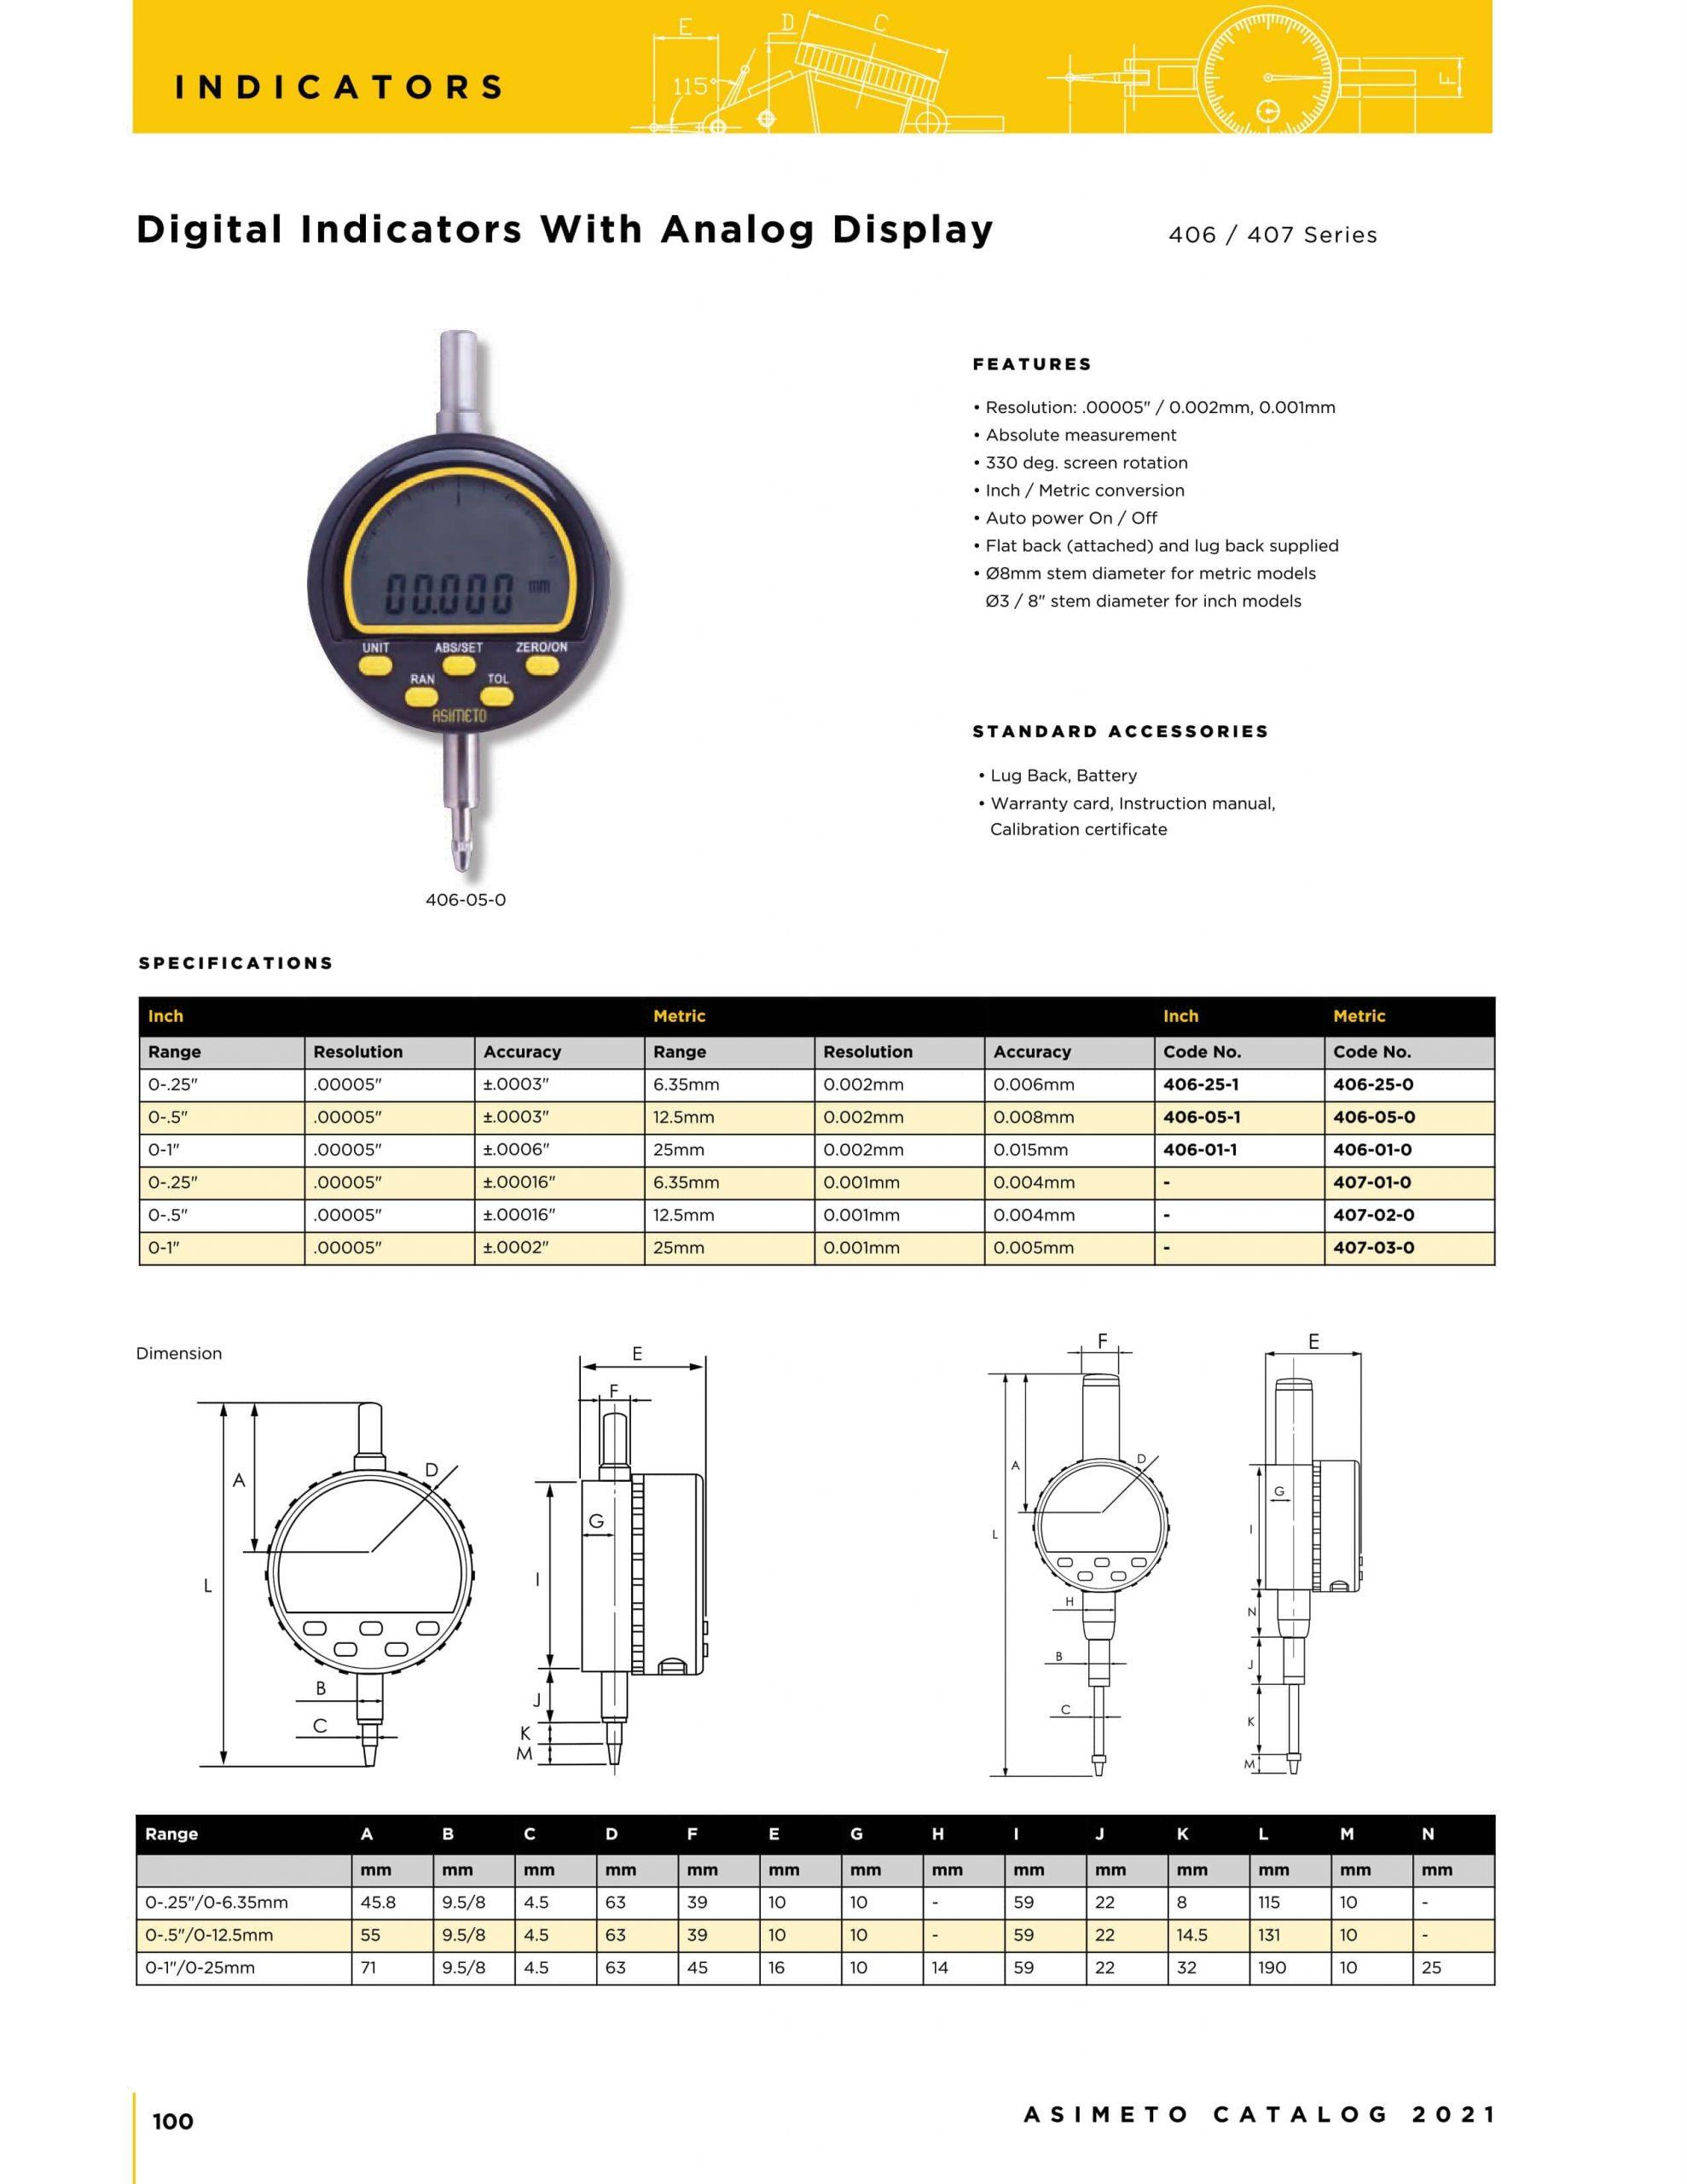 کاتالوگ ساعت اندیکاتور دیجیتال با قابلیت نمایش آنالوگ آسیمتو asimeto